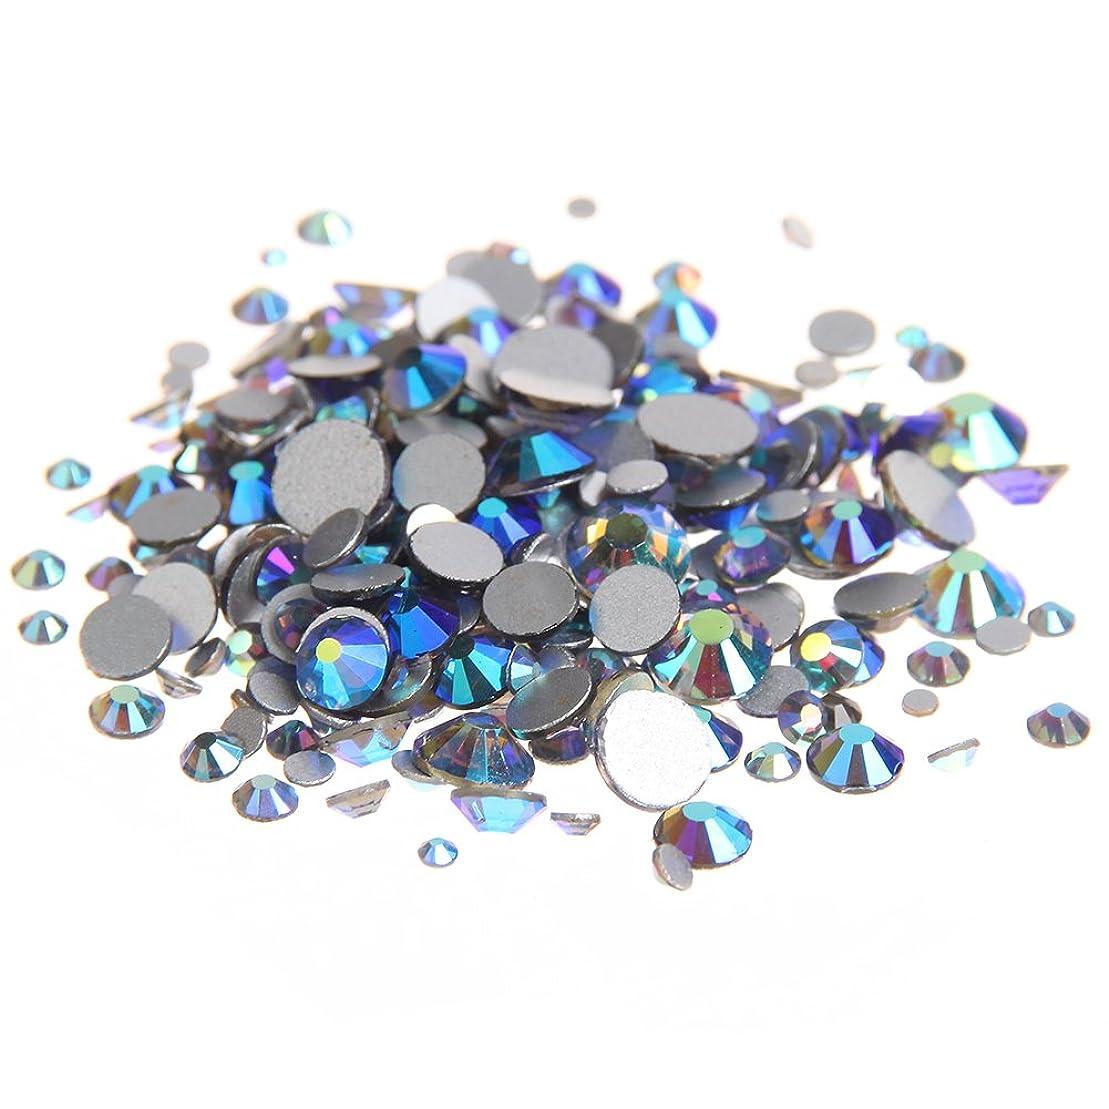 急速なキッチン省略するNizi ジュエリー ブランド ブラックダイヤモンドオーロラ ラインストーン は ガラスの材質 ネイル使用 型番ss3-ss30 (混合サイズ 1000pcs)